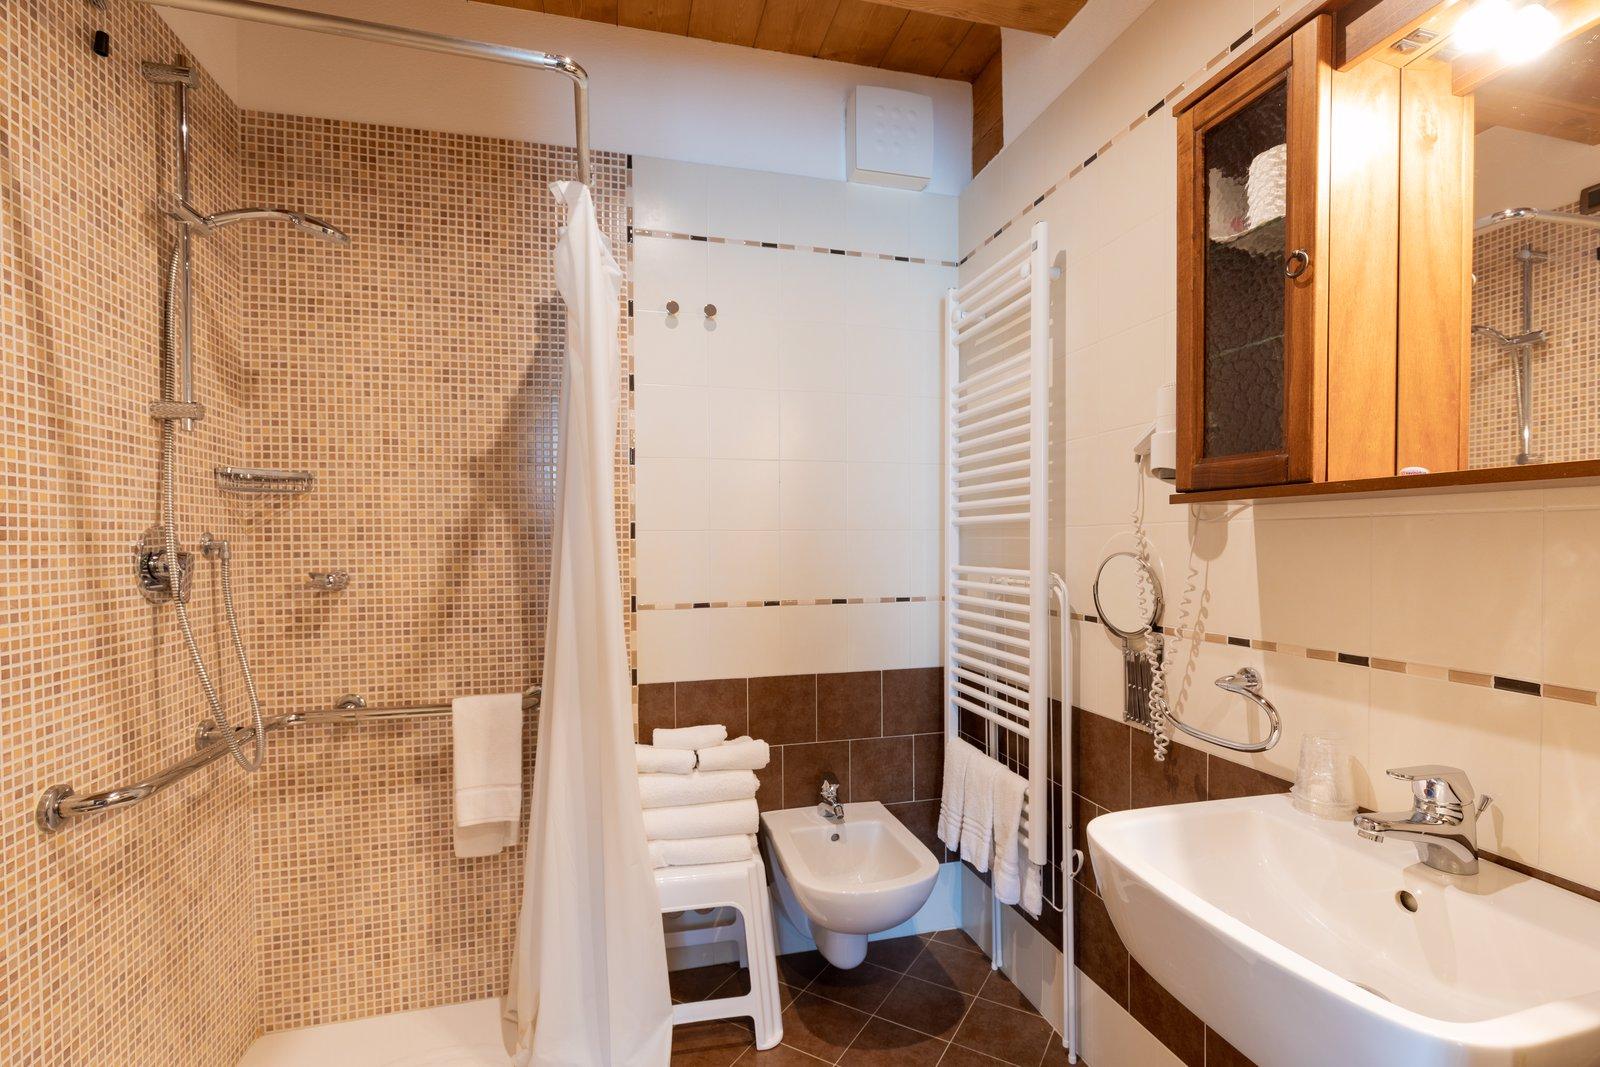 Hotel senza barriere for Soggiorni per disabili